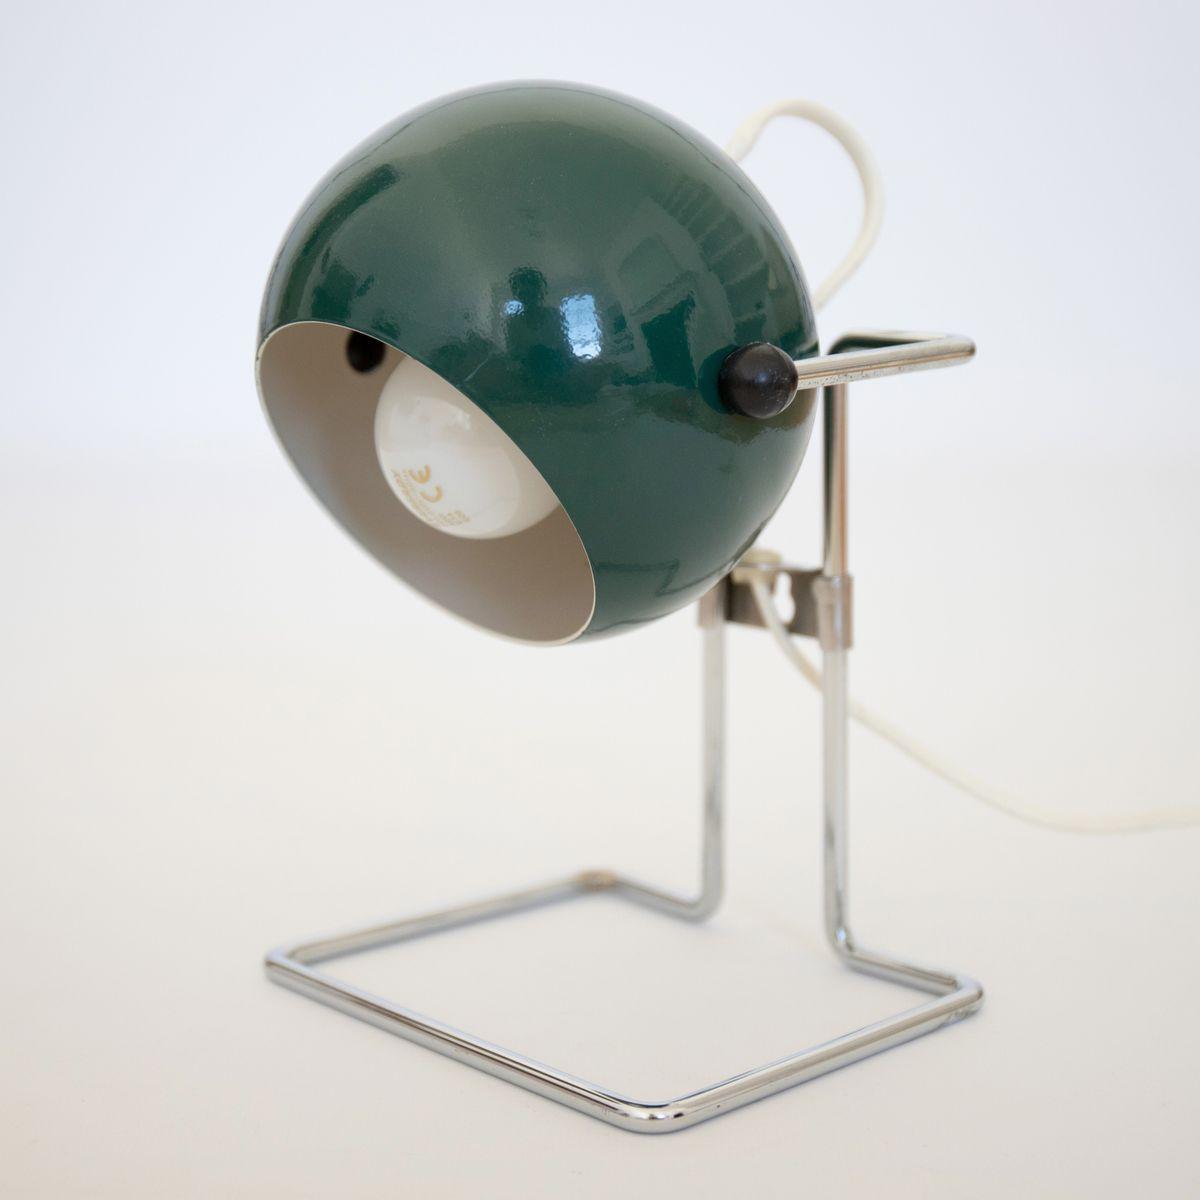 Dänische Pop Art Bubble Lampe in Dunkelgrün von P Bosque für Abo Rande...